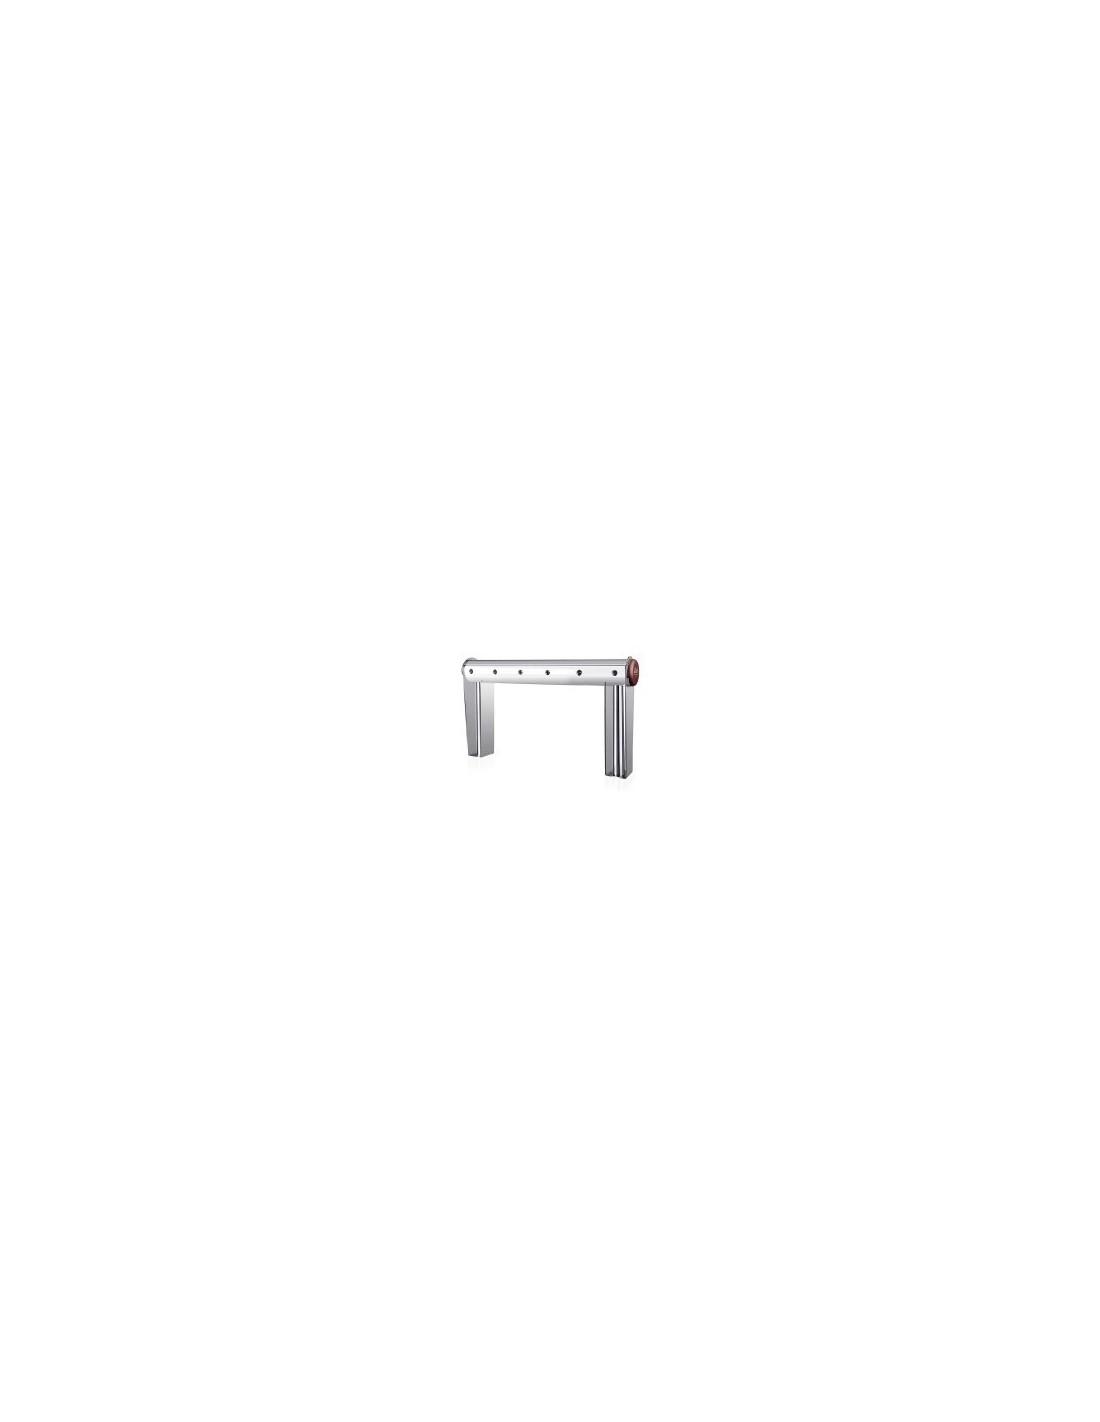 """STV02136 - Tapptorn utan kranar - Tapptorn """"Naked Cold Bridge"""" i rostfritt stål för 6 typer av öl (kranar köpes separat)."""